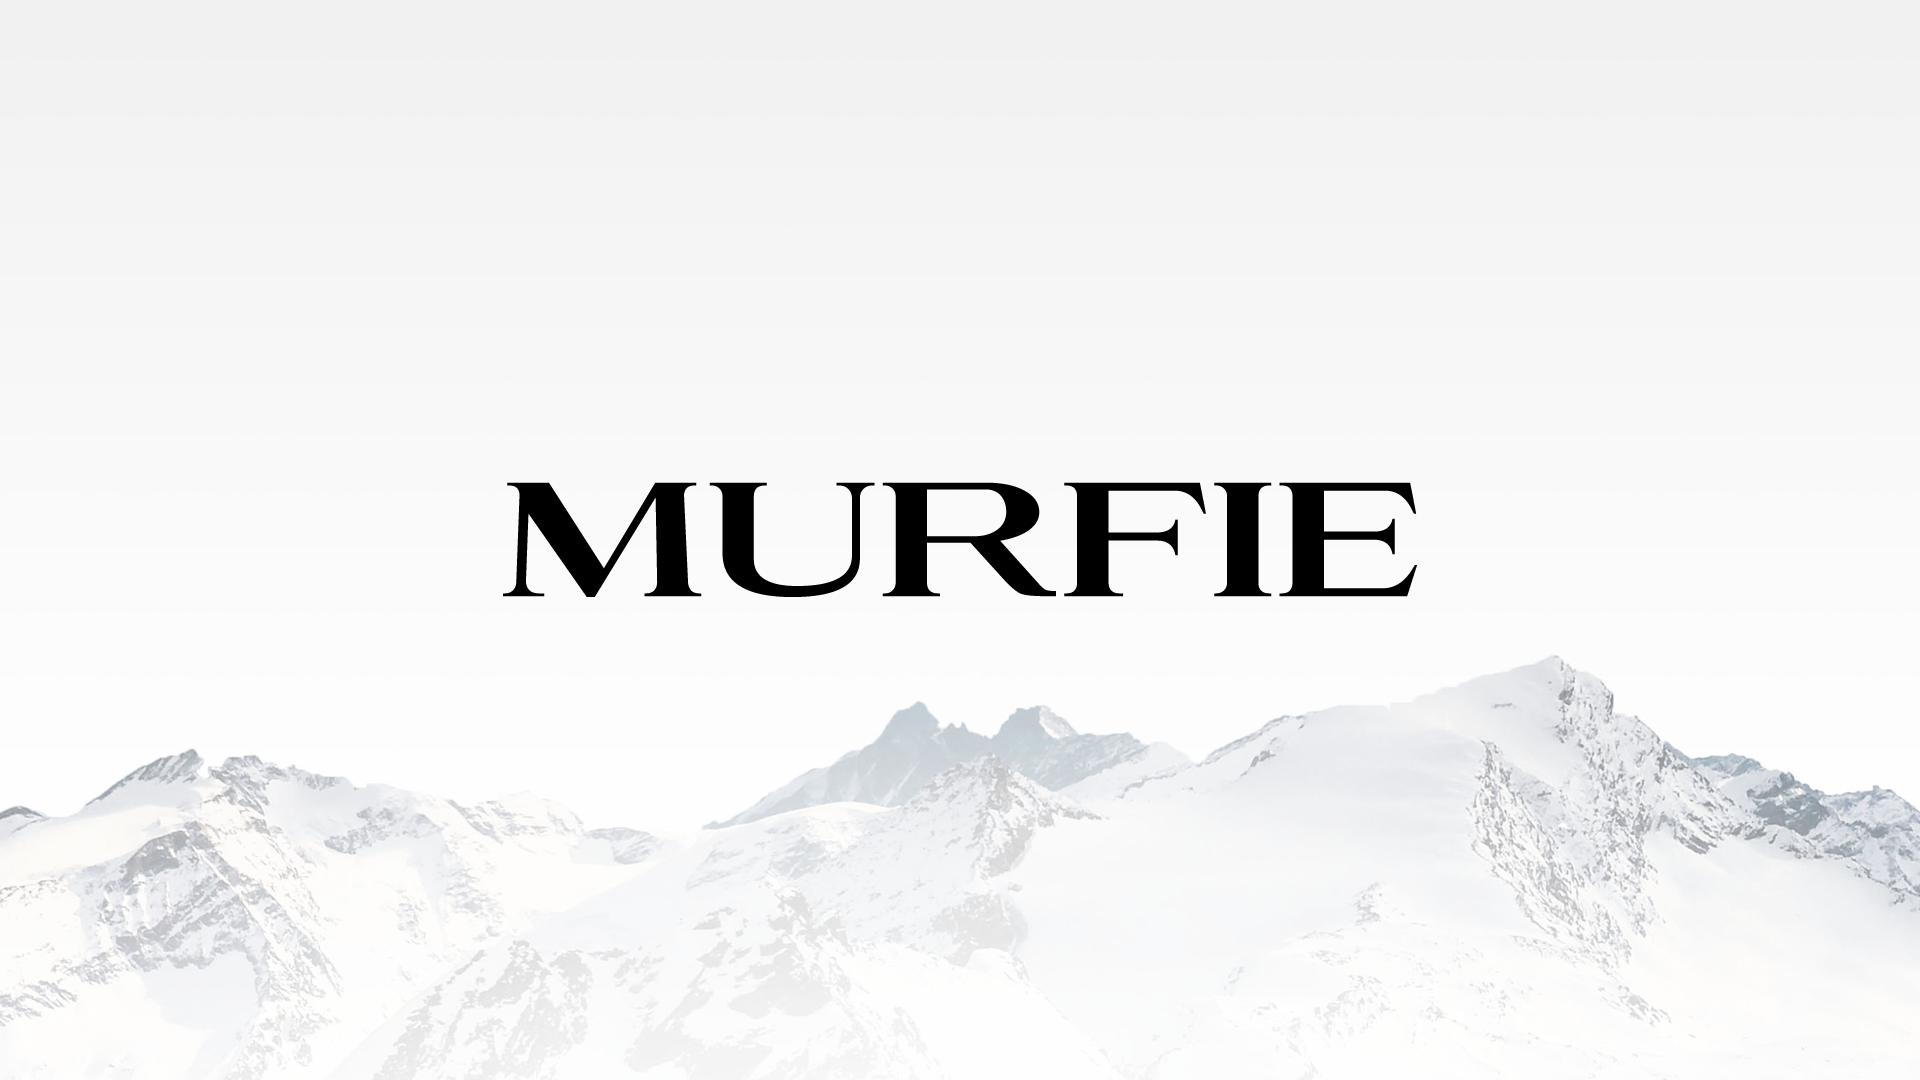 Murfie